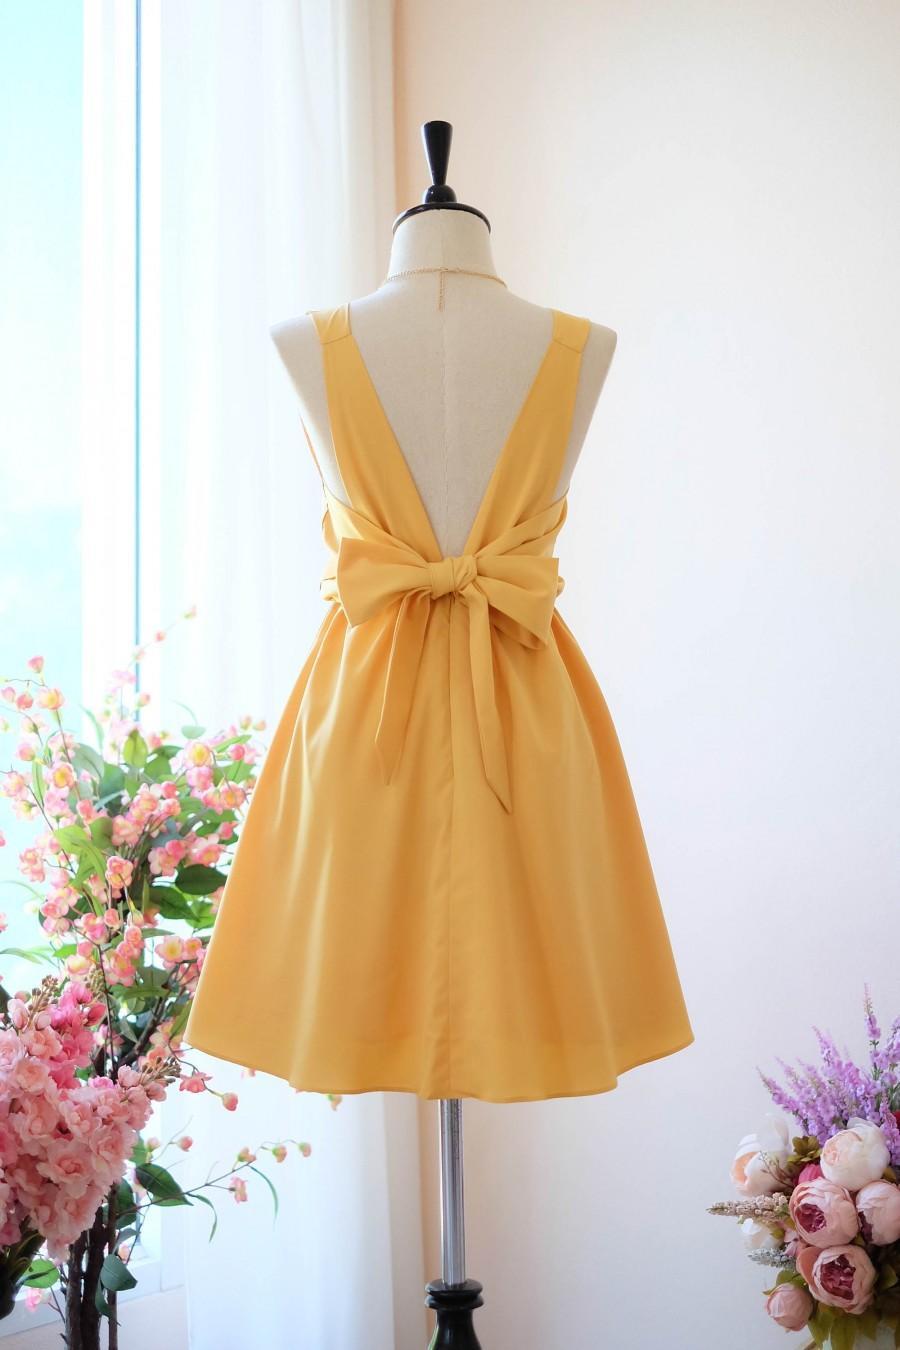 7307a1623363 Light Mustard dress mustard Bridesmaid dress Wedding Prom dress Cocktail  Party dress Evening dress Backless bow dress